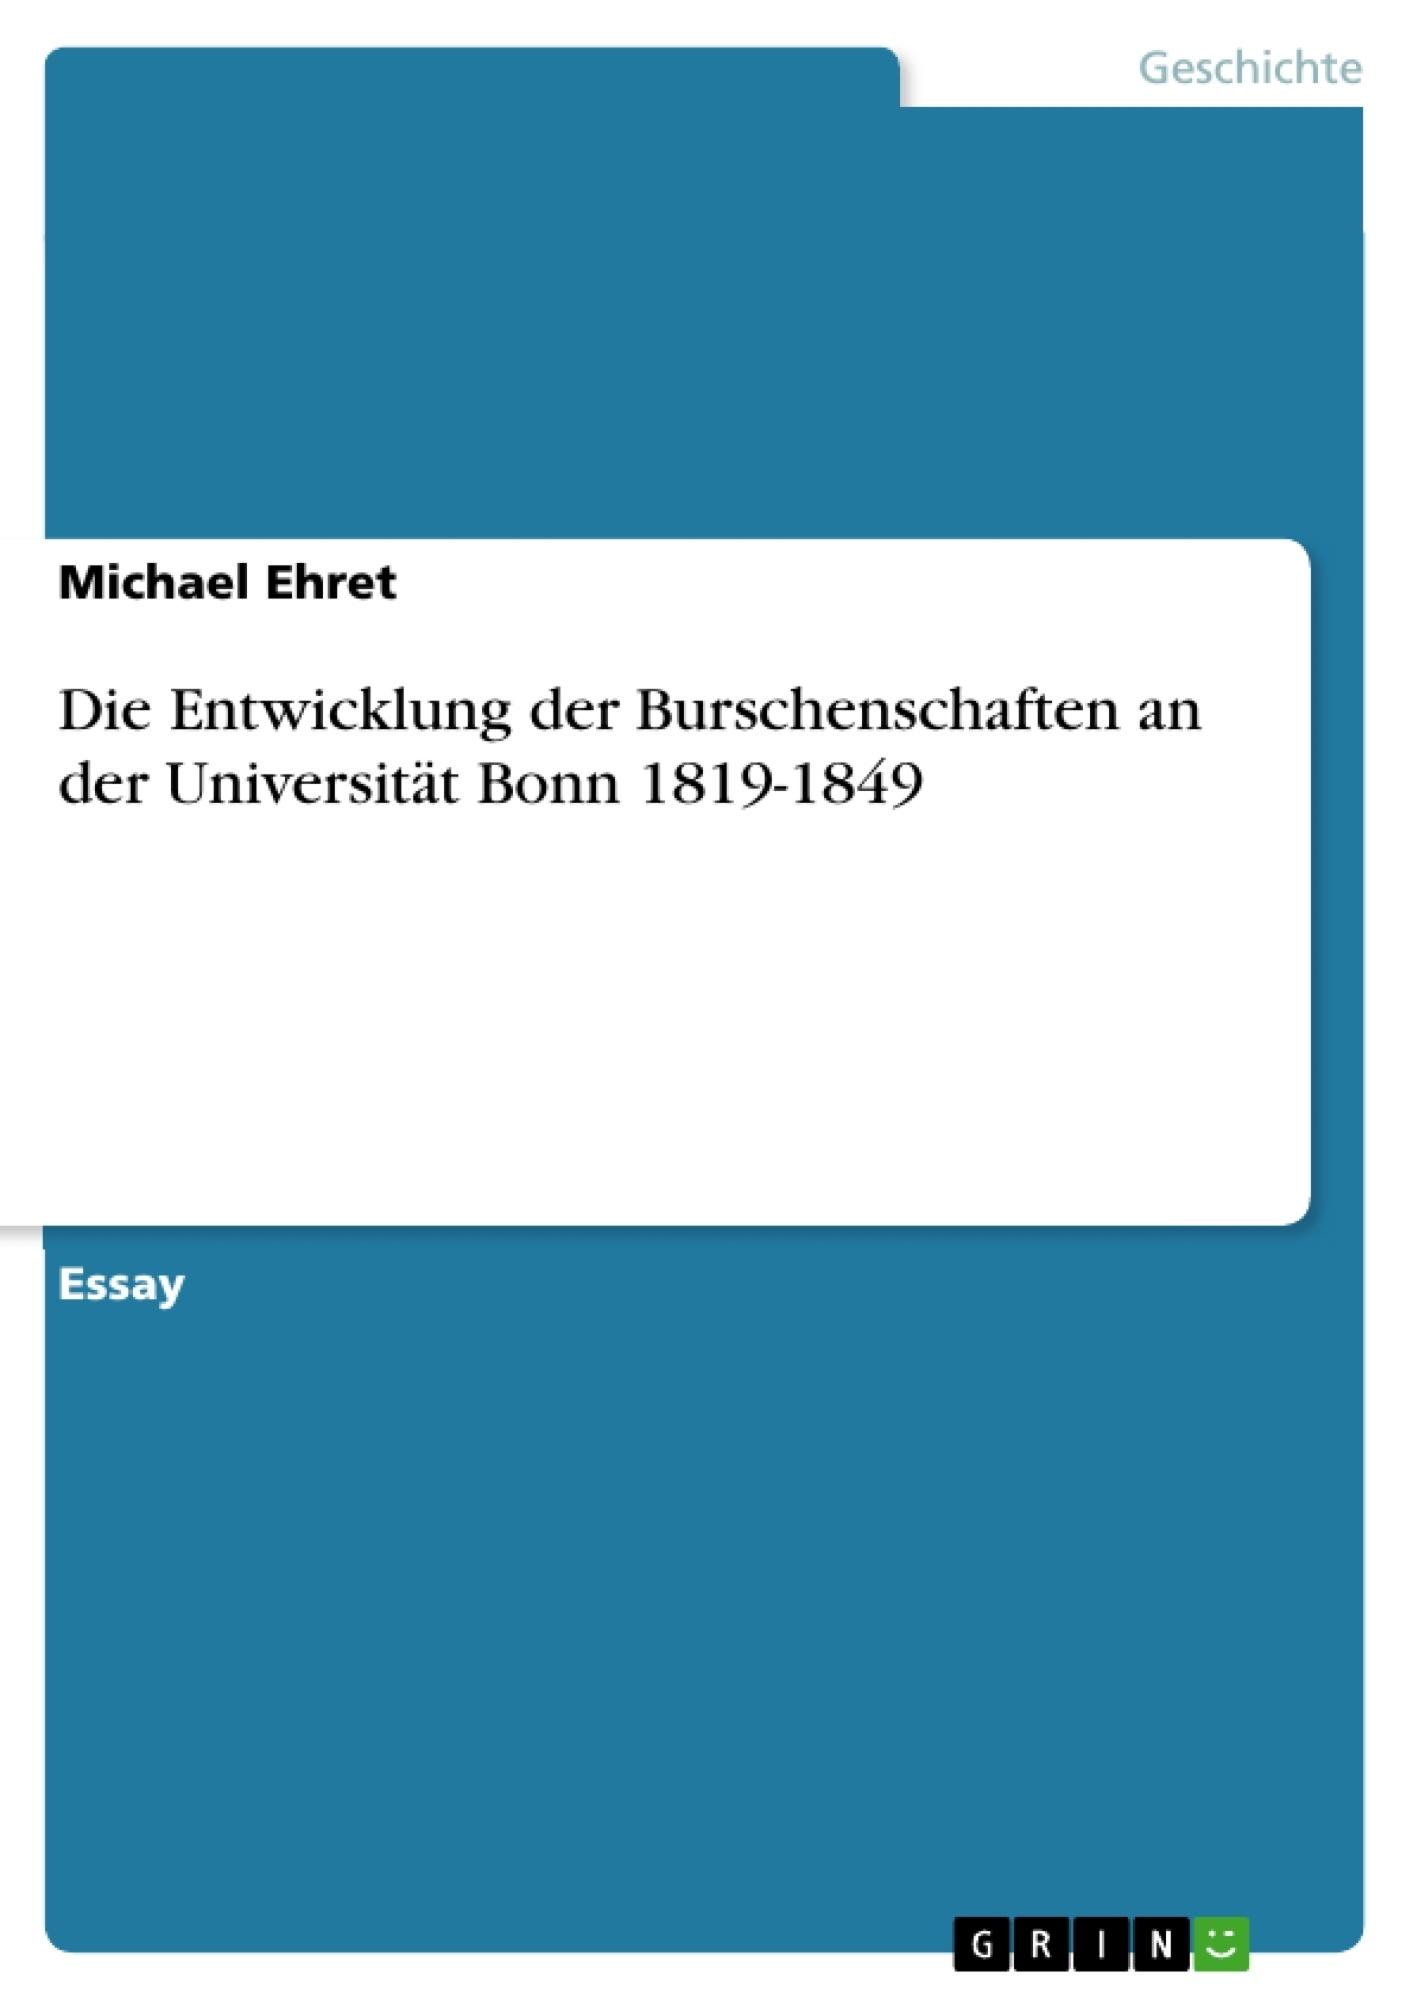 Titel: Die Entwicklung der Burschenschaften an der Universität Bonn 1819-1849